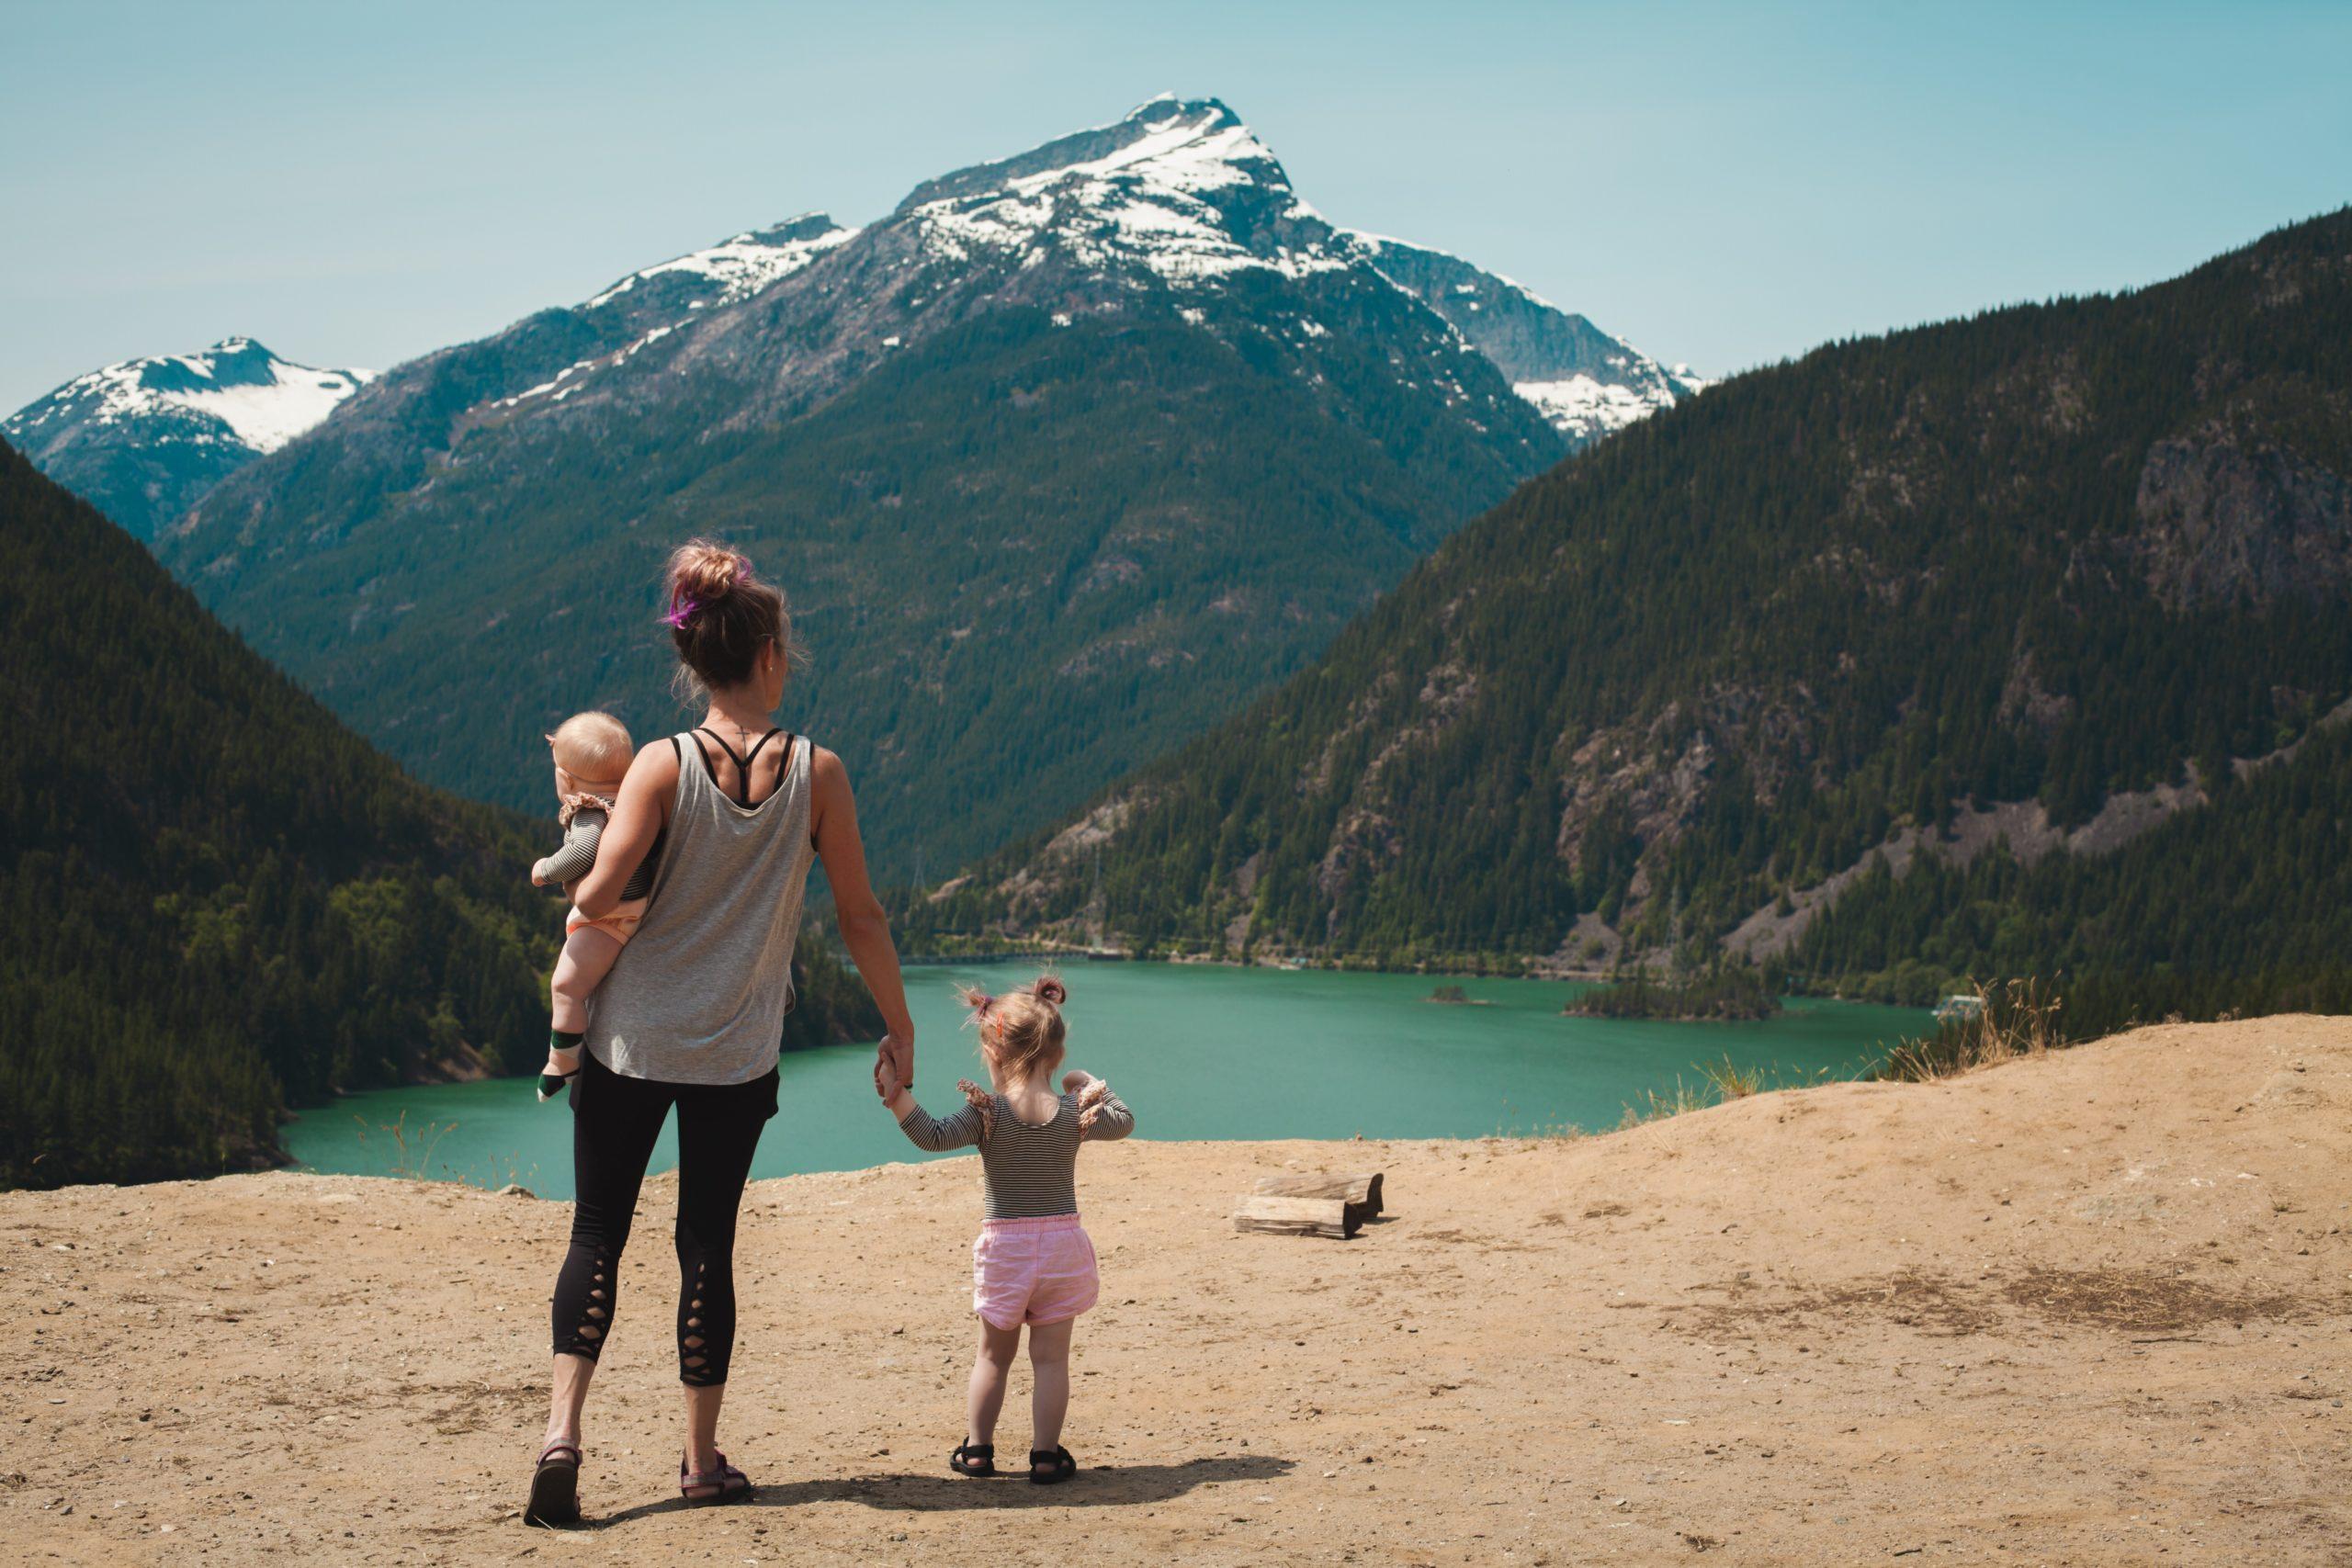 Le premier pas à faire pour pouvoir observer la nature est de sortir ! Alors on sort les chaussures et on va en nature comme le préconise Charlotte MASON.